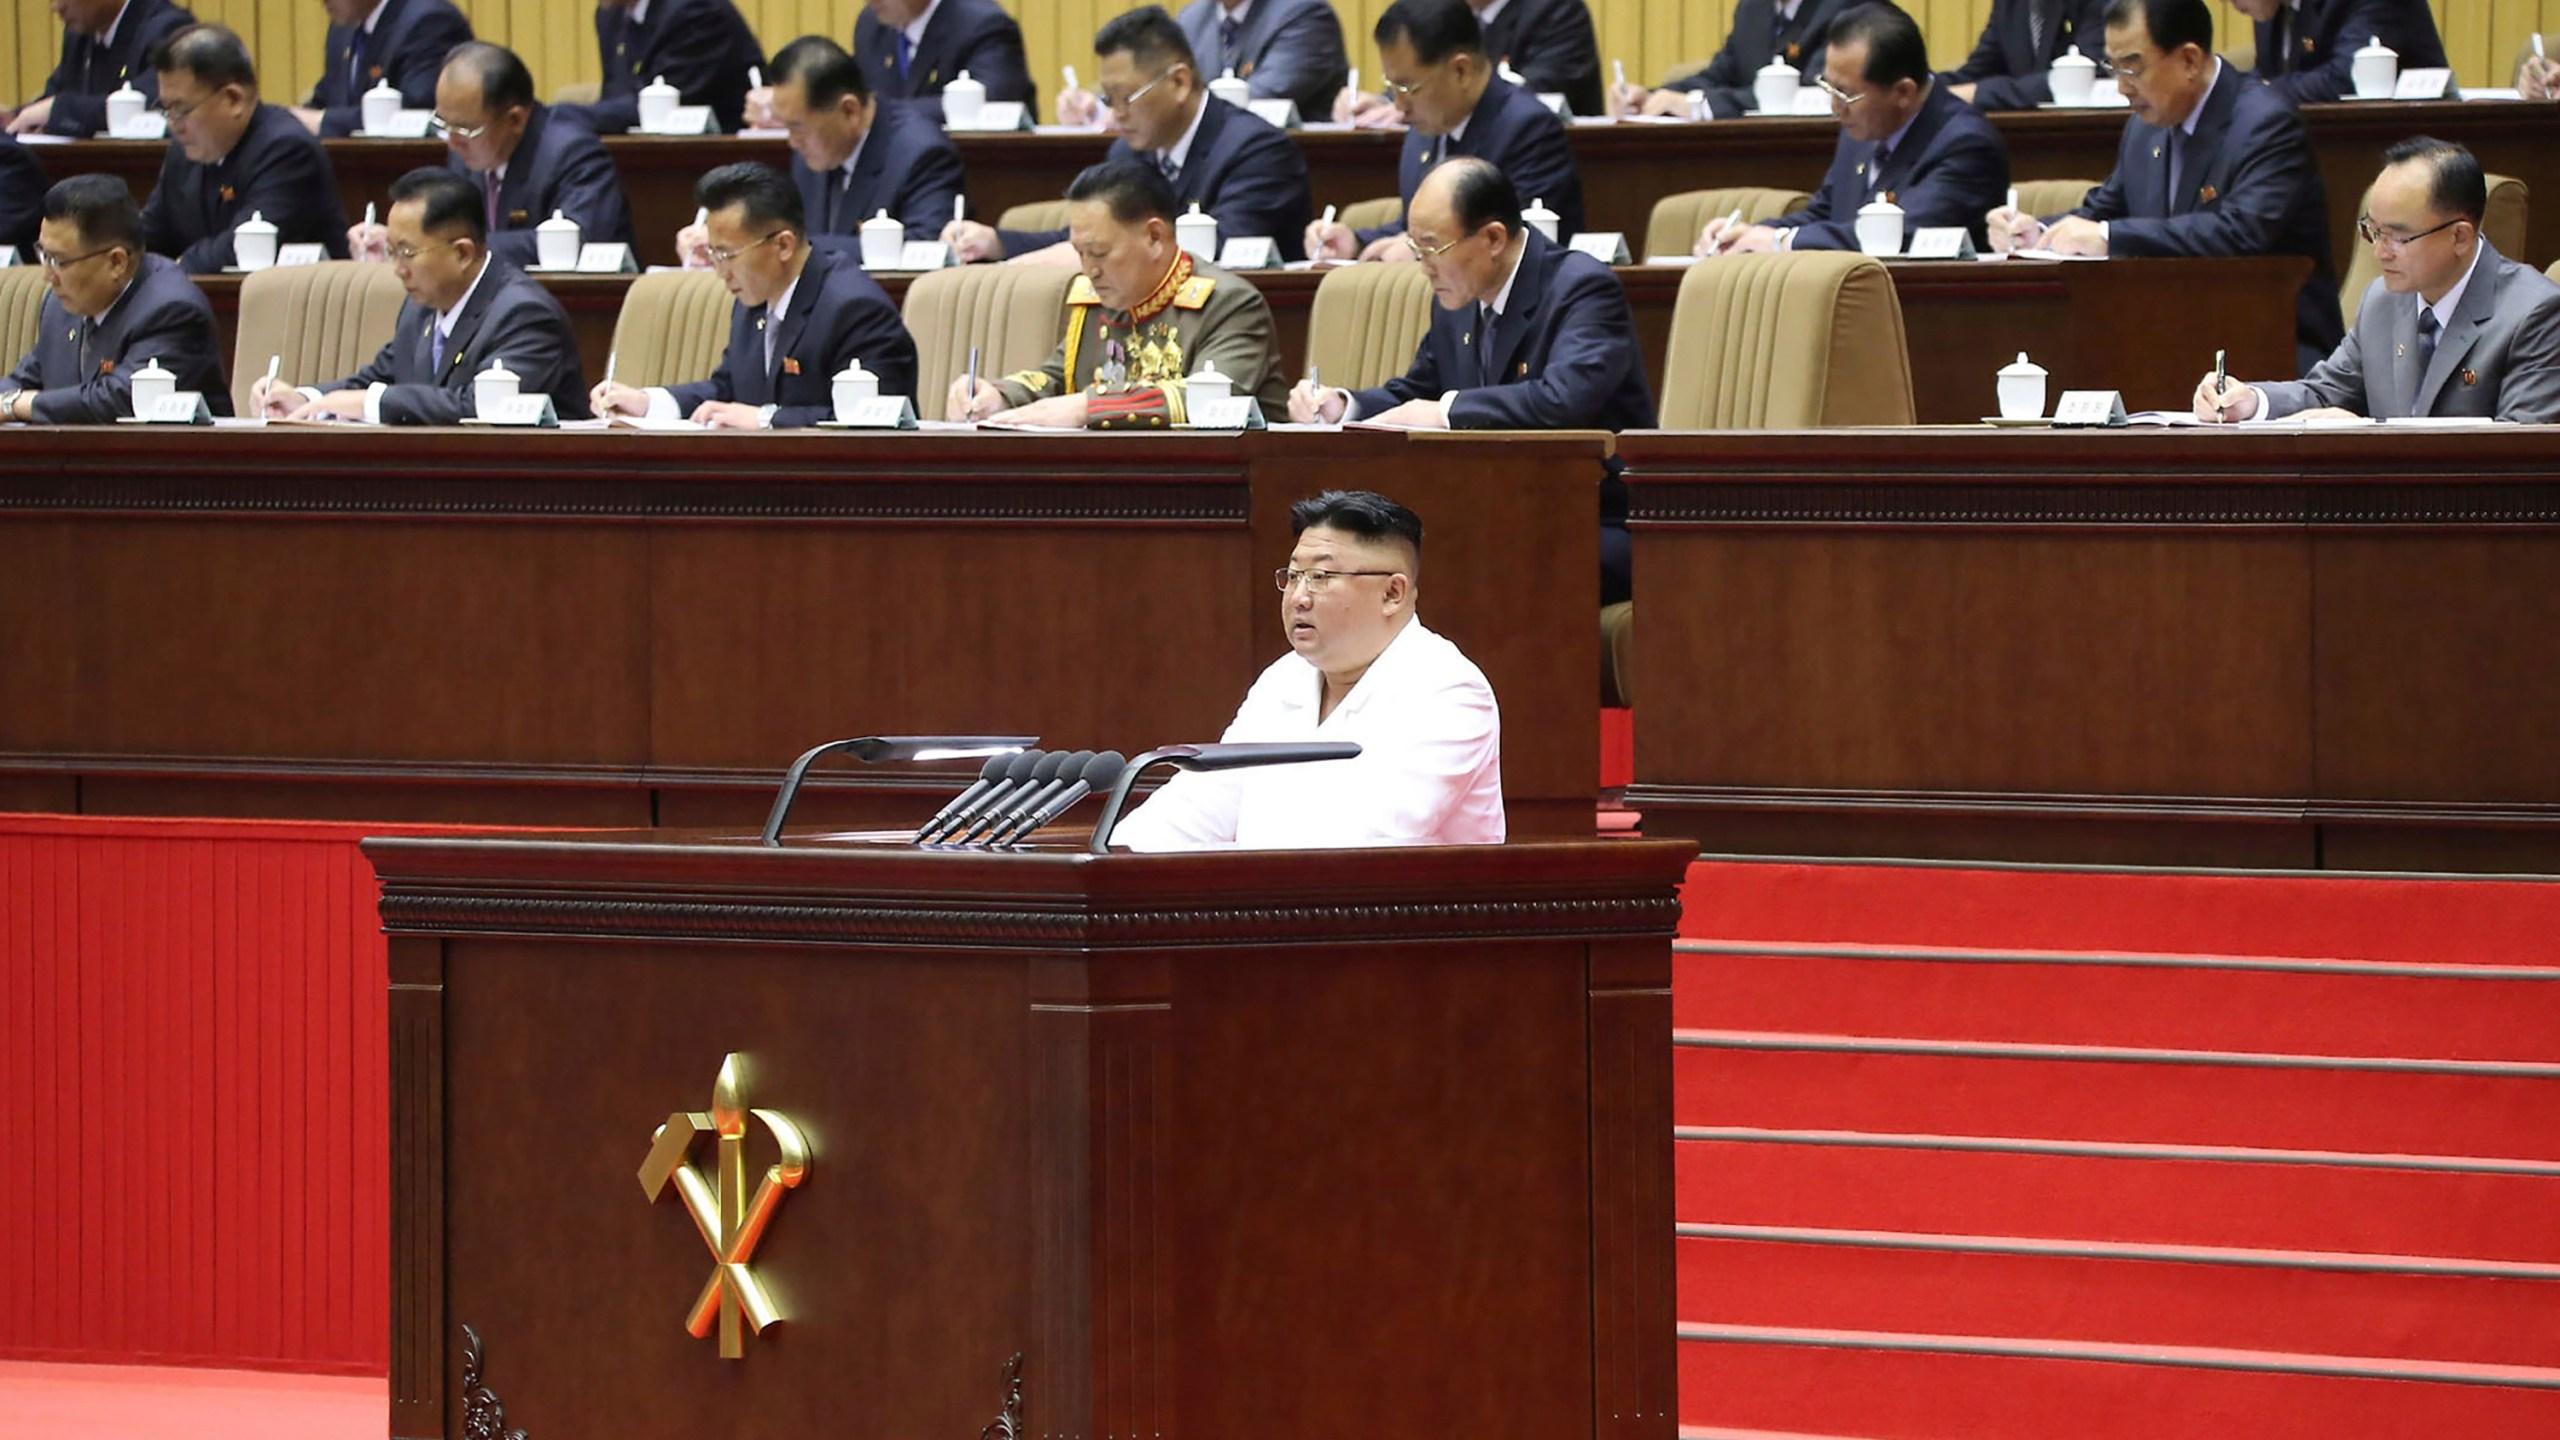 Kim Jong Un